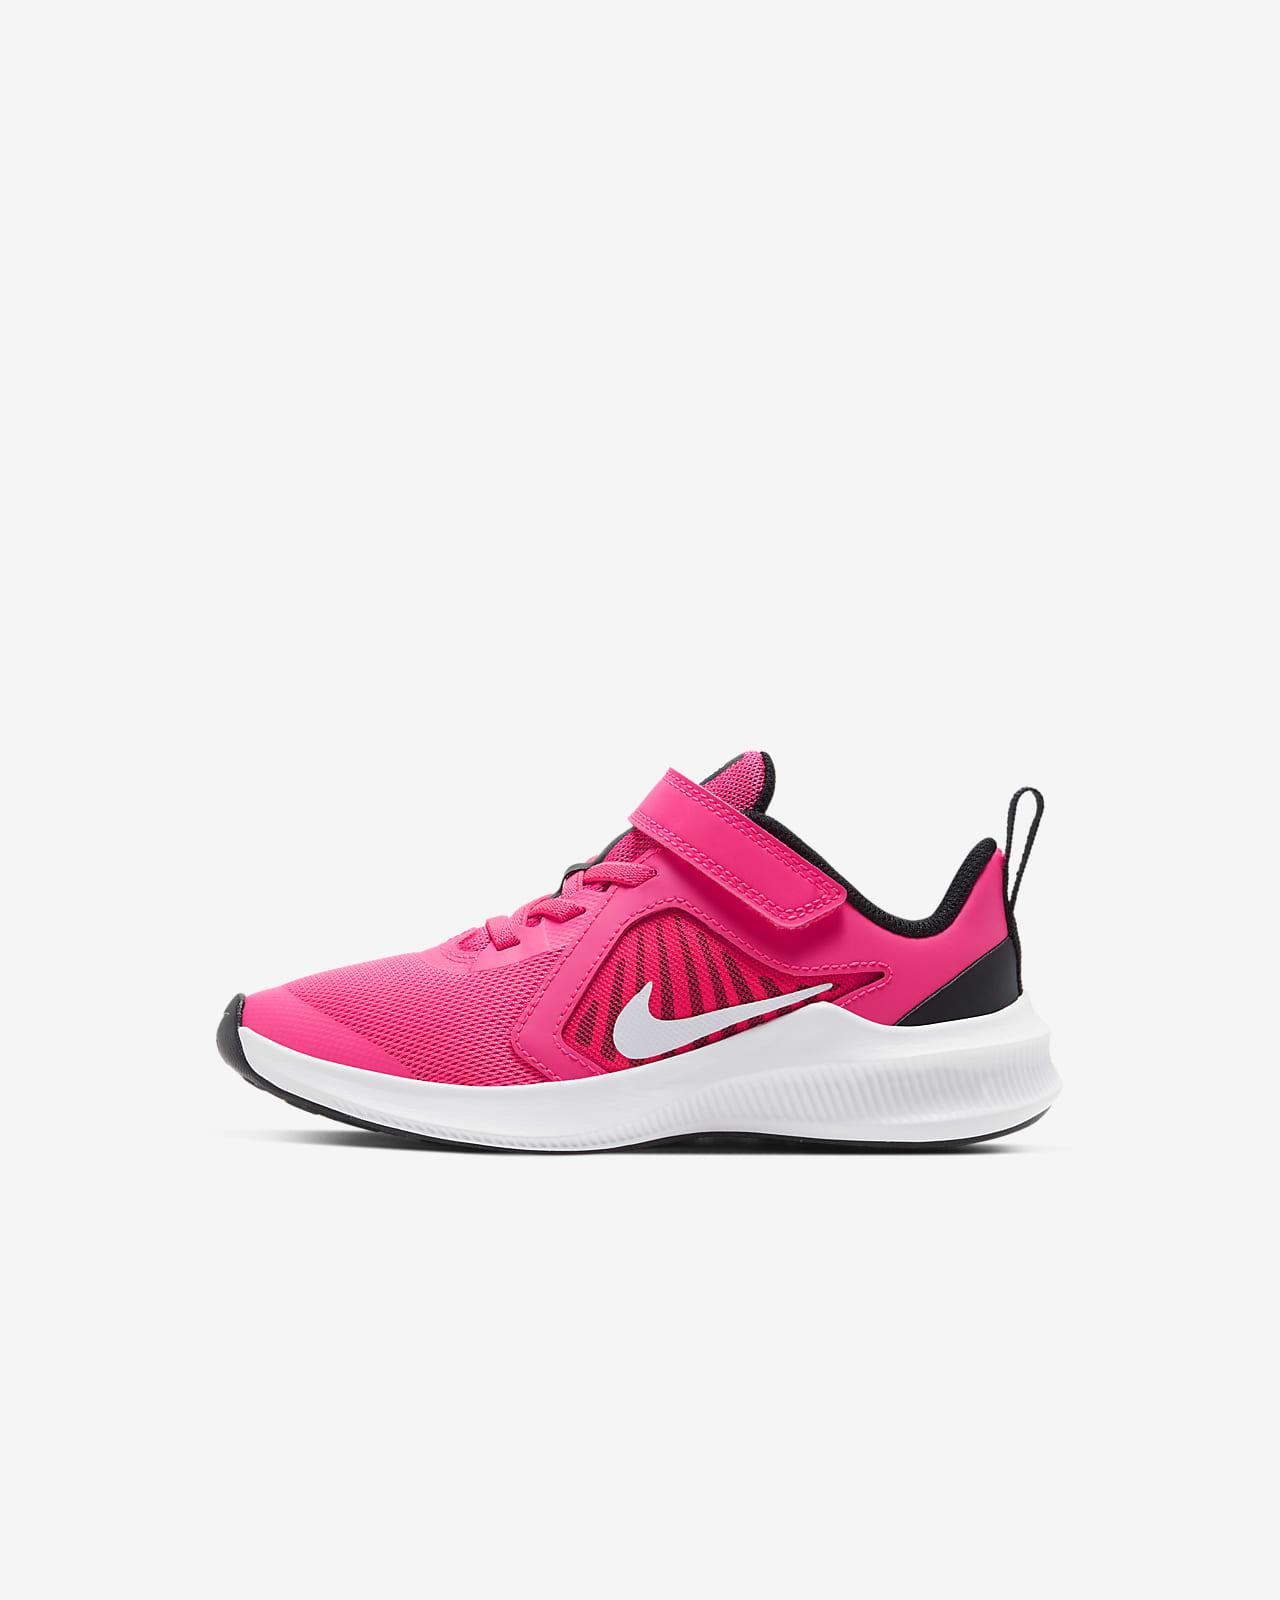 Nike Downshifter 10 Little Kids' Shoe